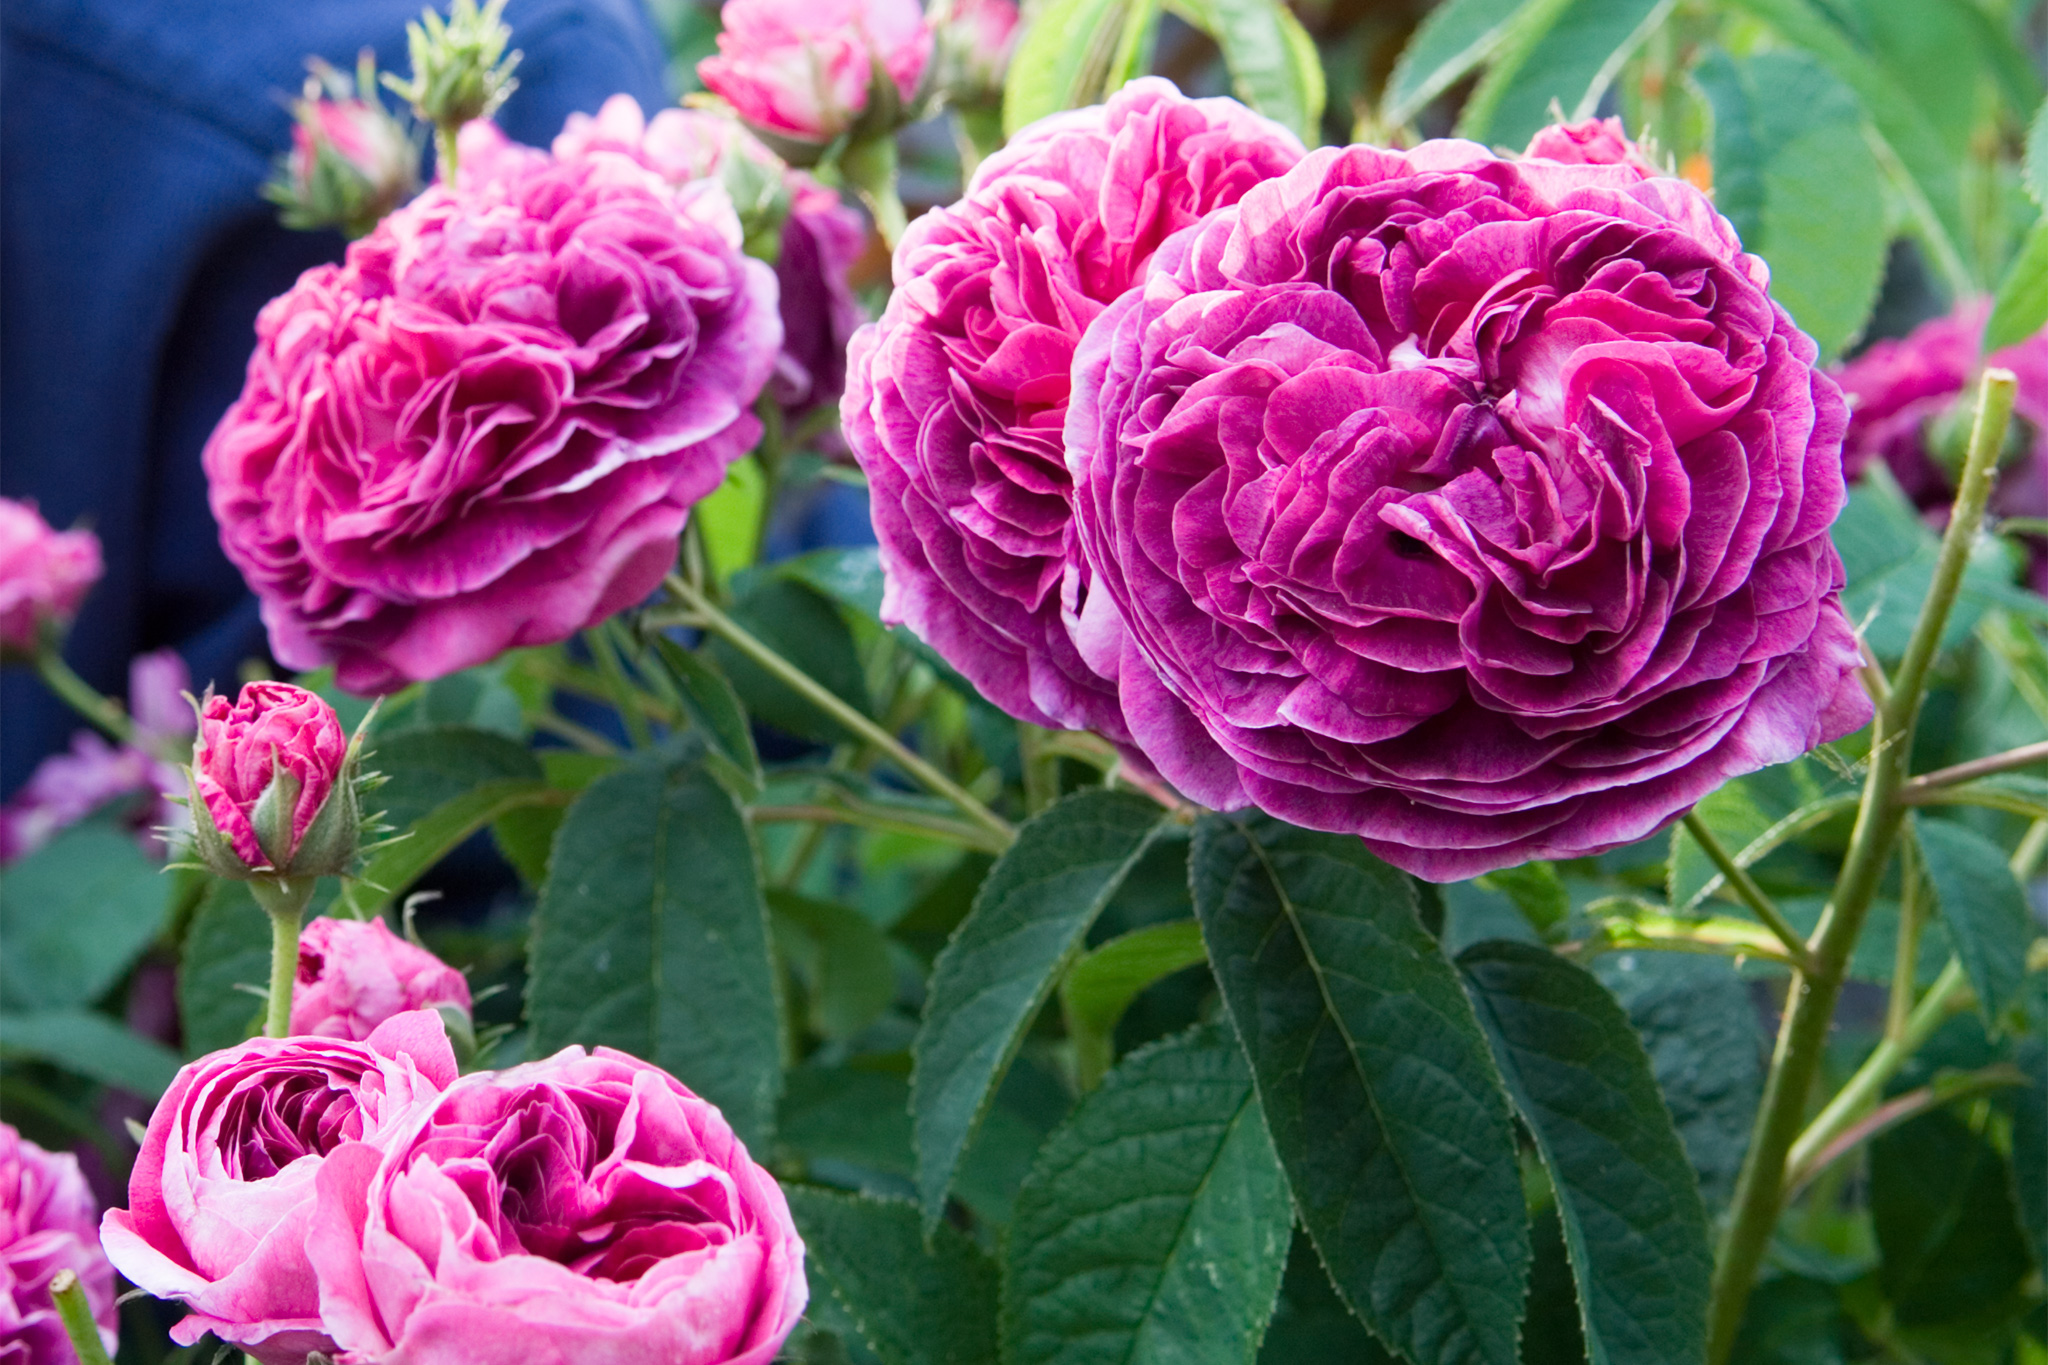 rosa-charles-de-mills-5